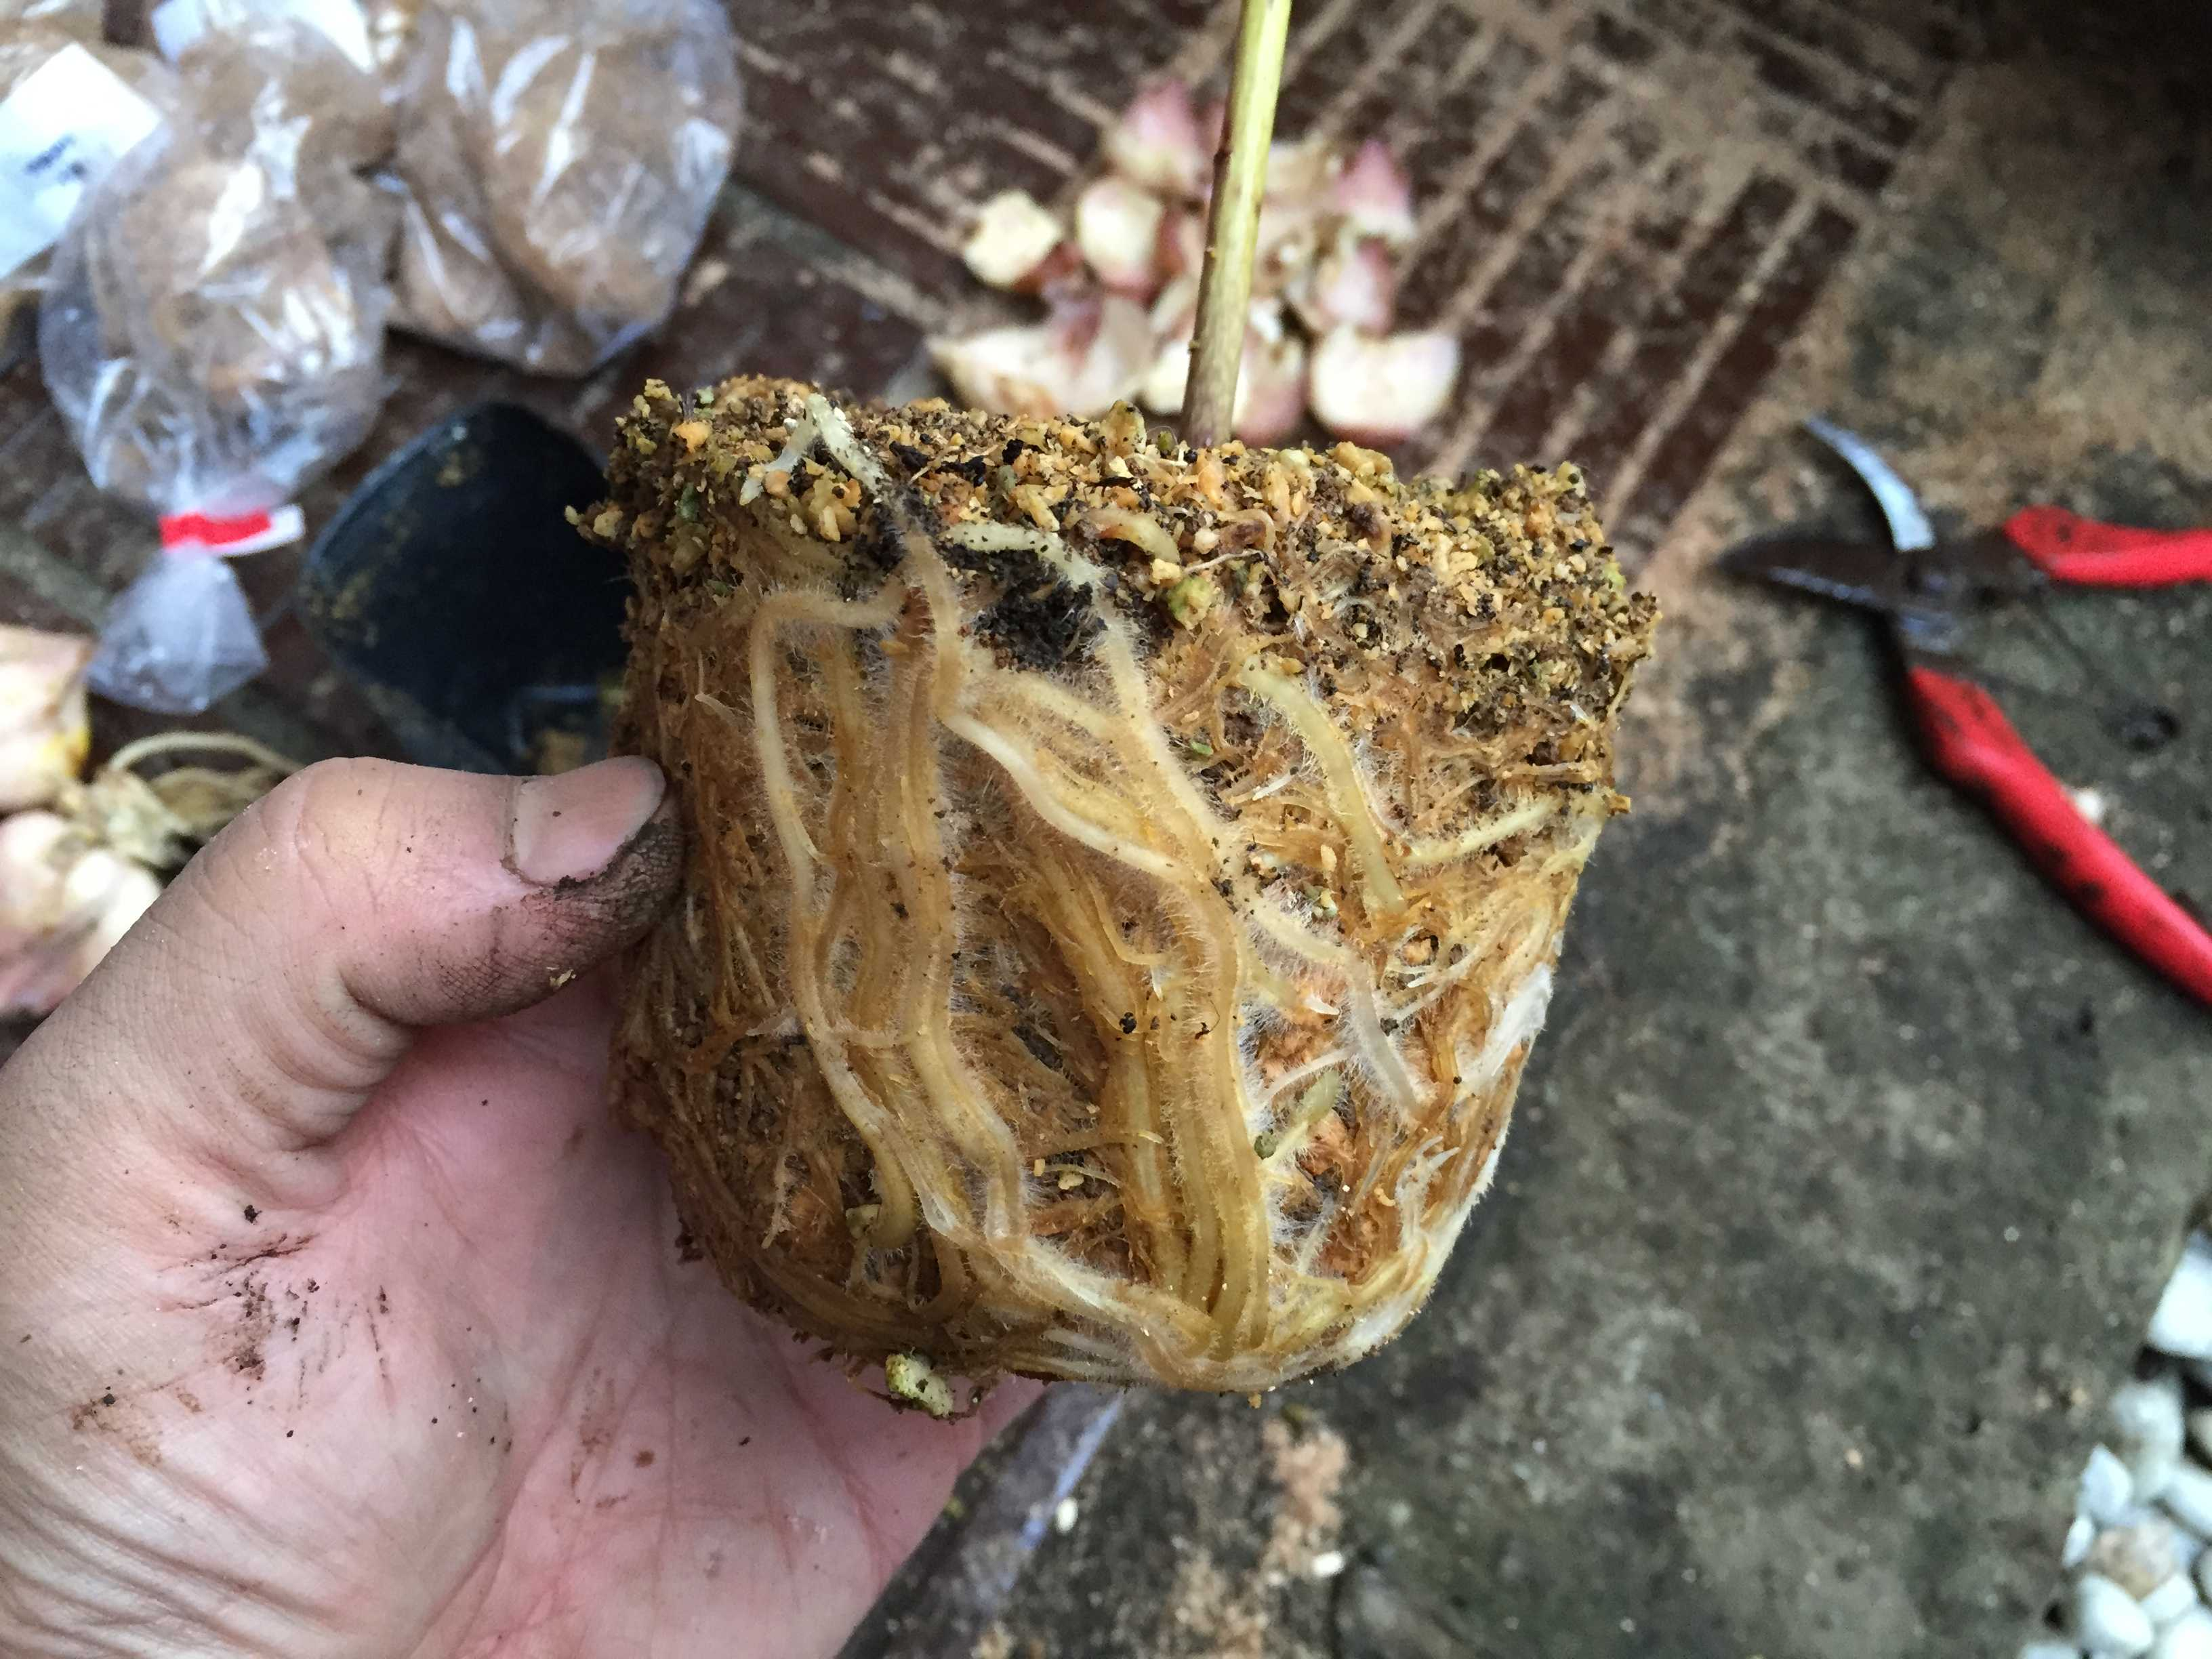 ヤマユリの鱗片定植 - ポット